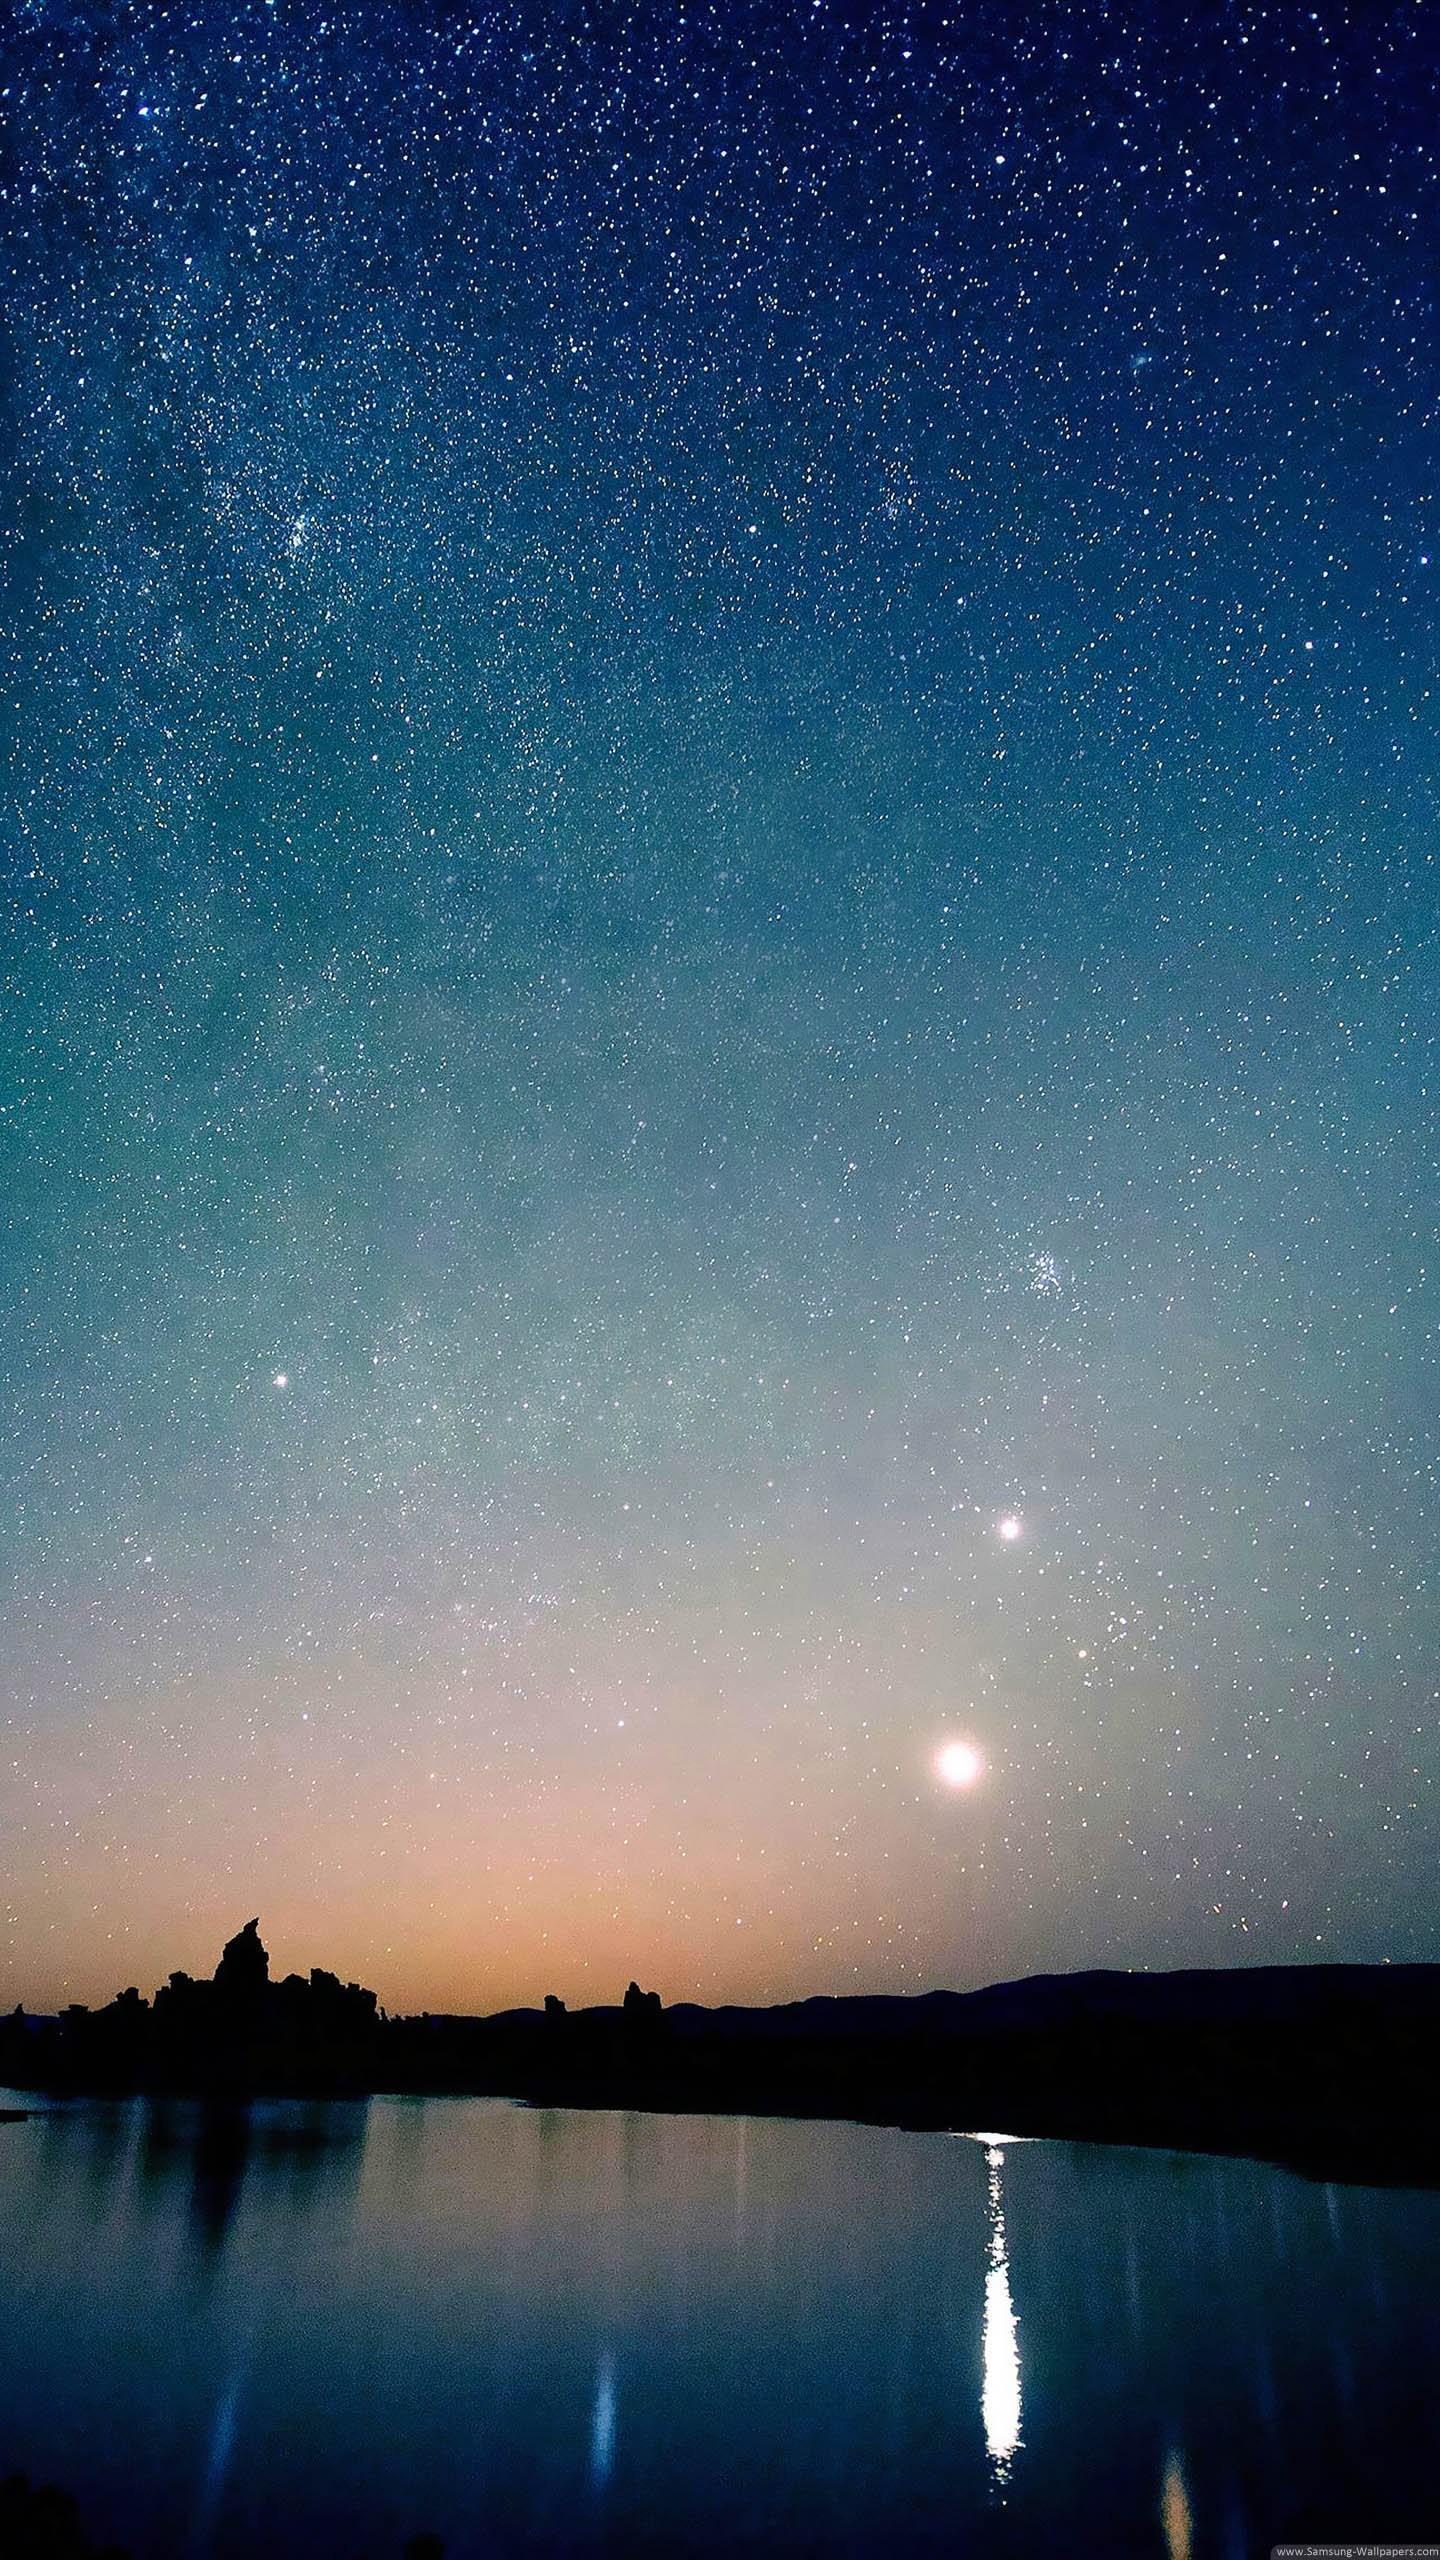 Beautifull sky at the night